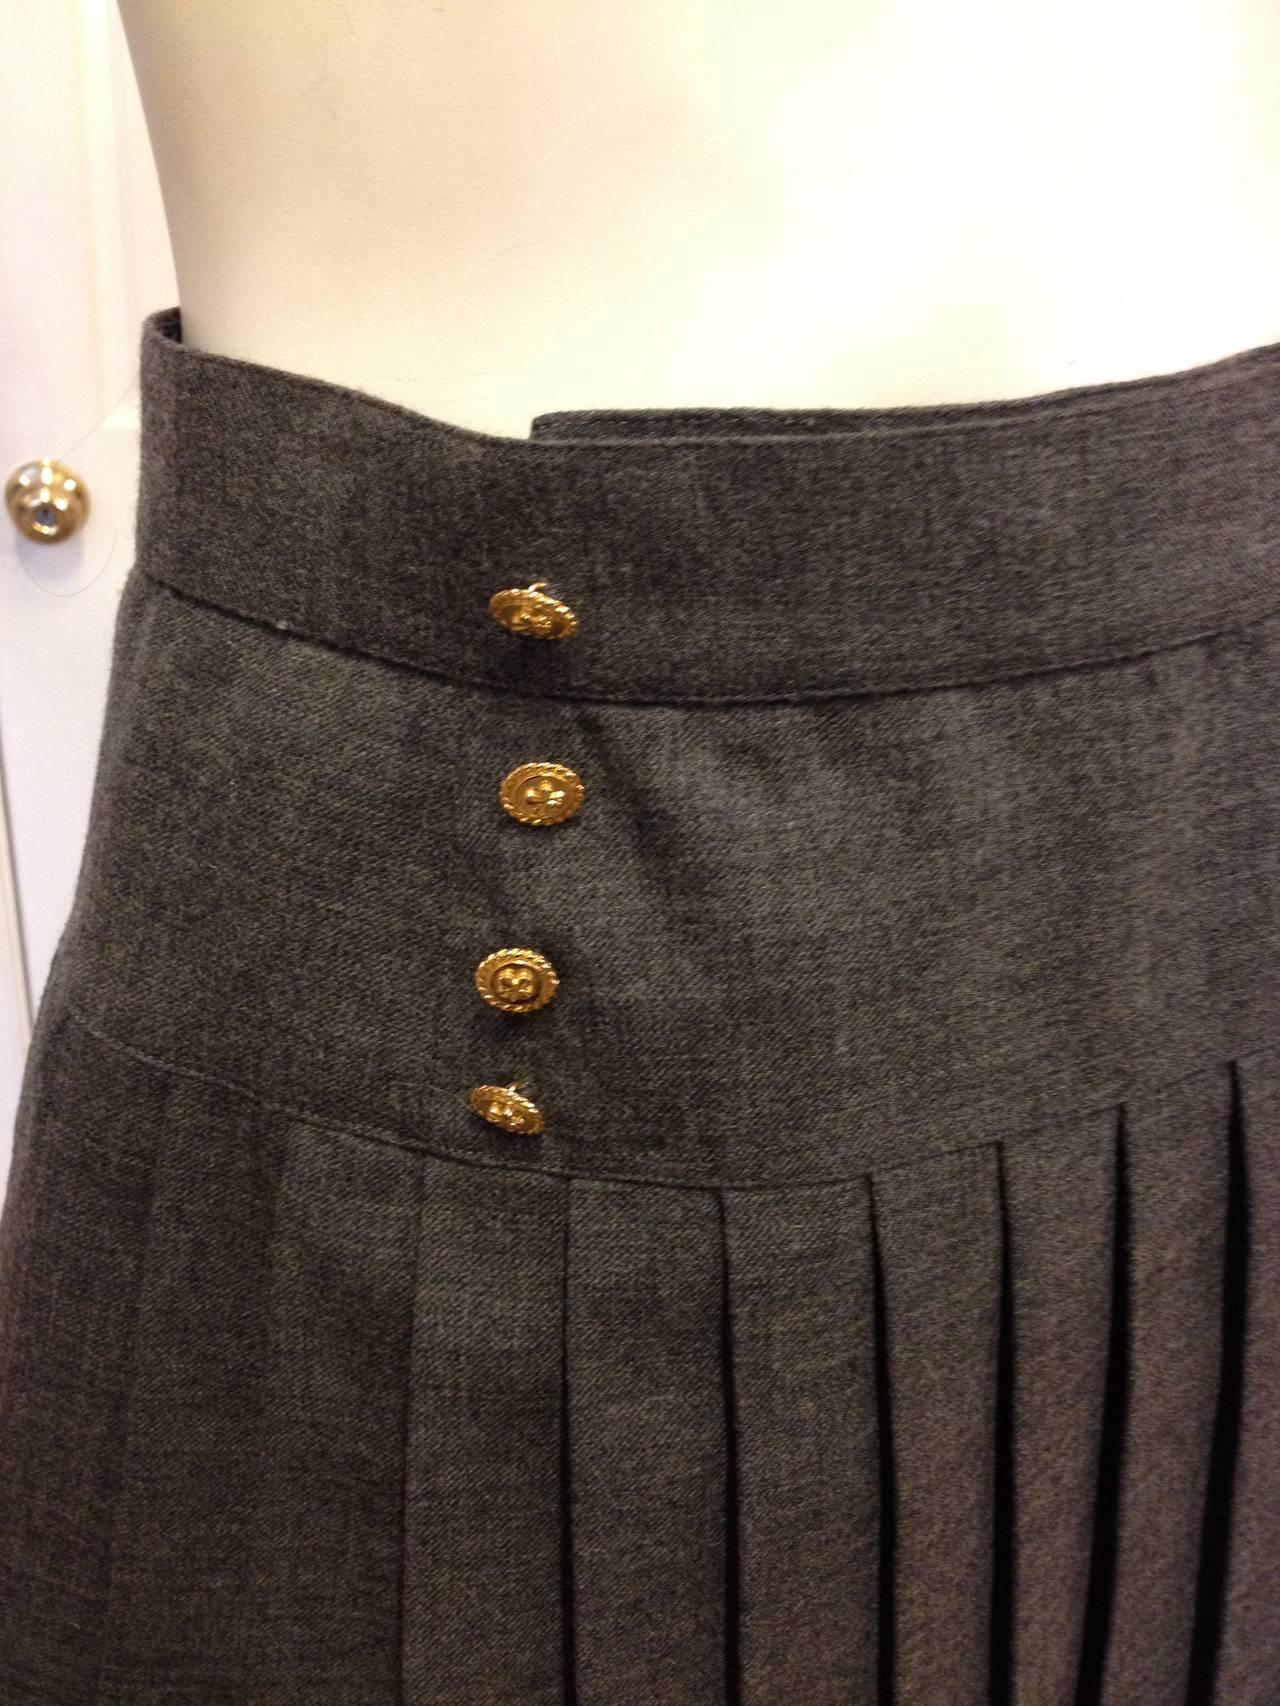 Boots Tweed Brown Skirt